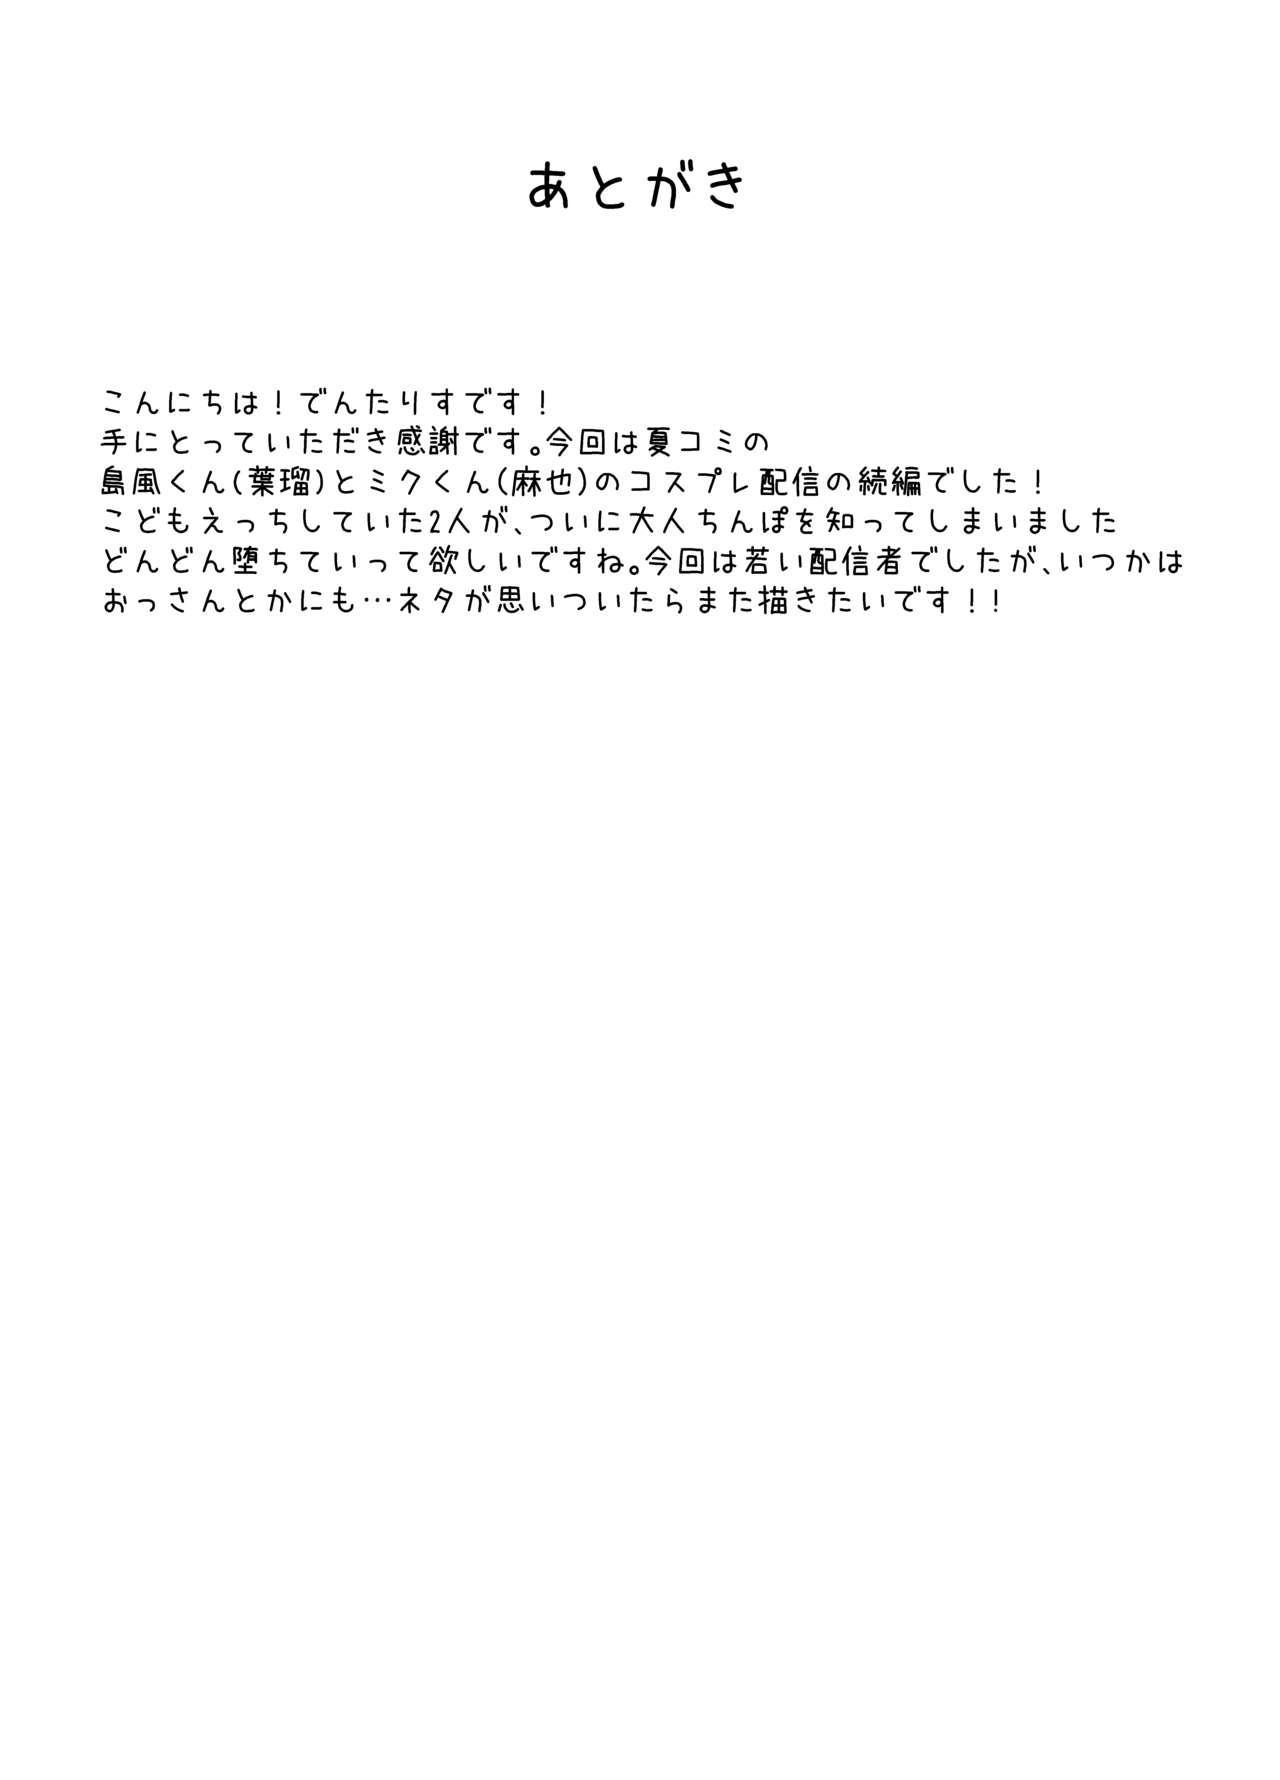 Shima x Miku Haishin Ecchi Shitemitara... 19